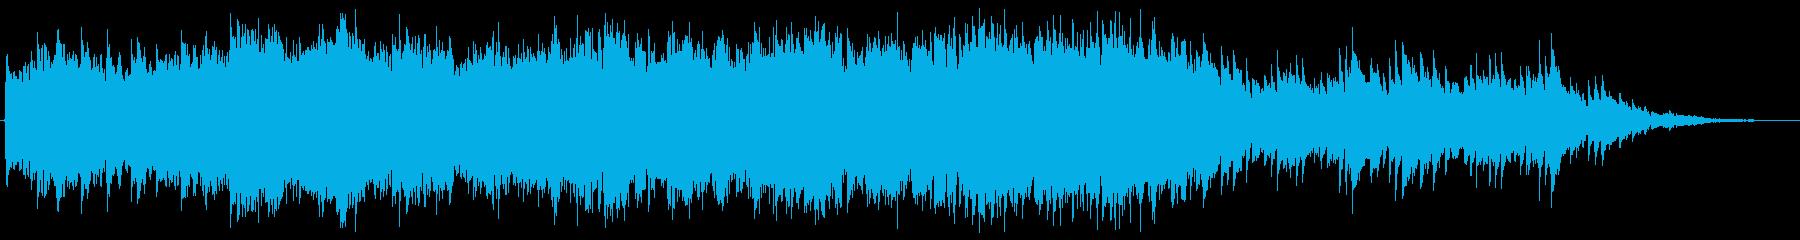 映像BGM(切ない、しっとり)の再生済みの波形